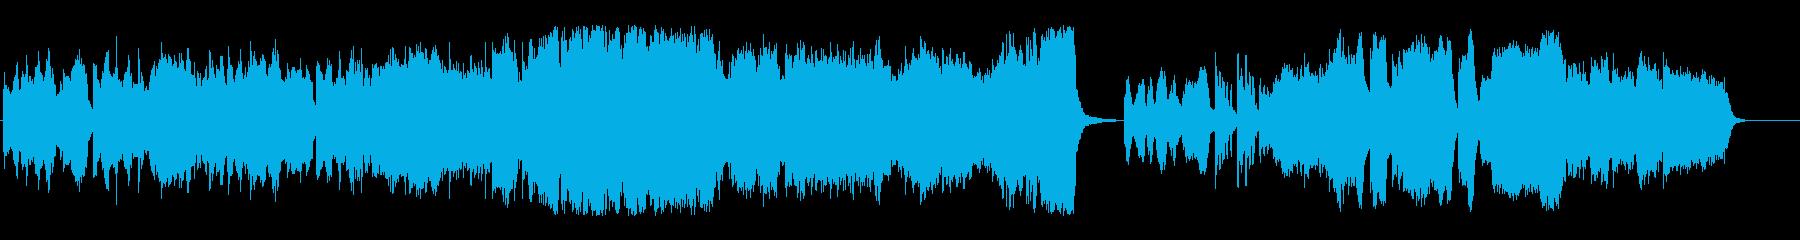 切なく優しいクラシカルなチェロの再生済みの波形